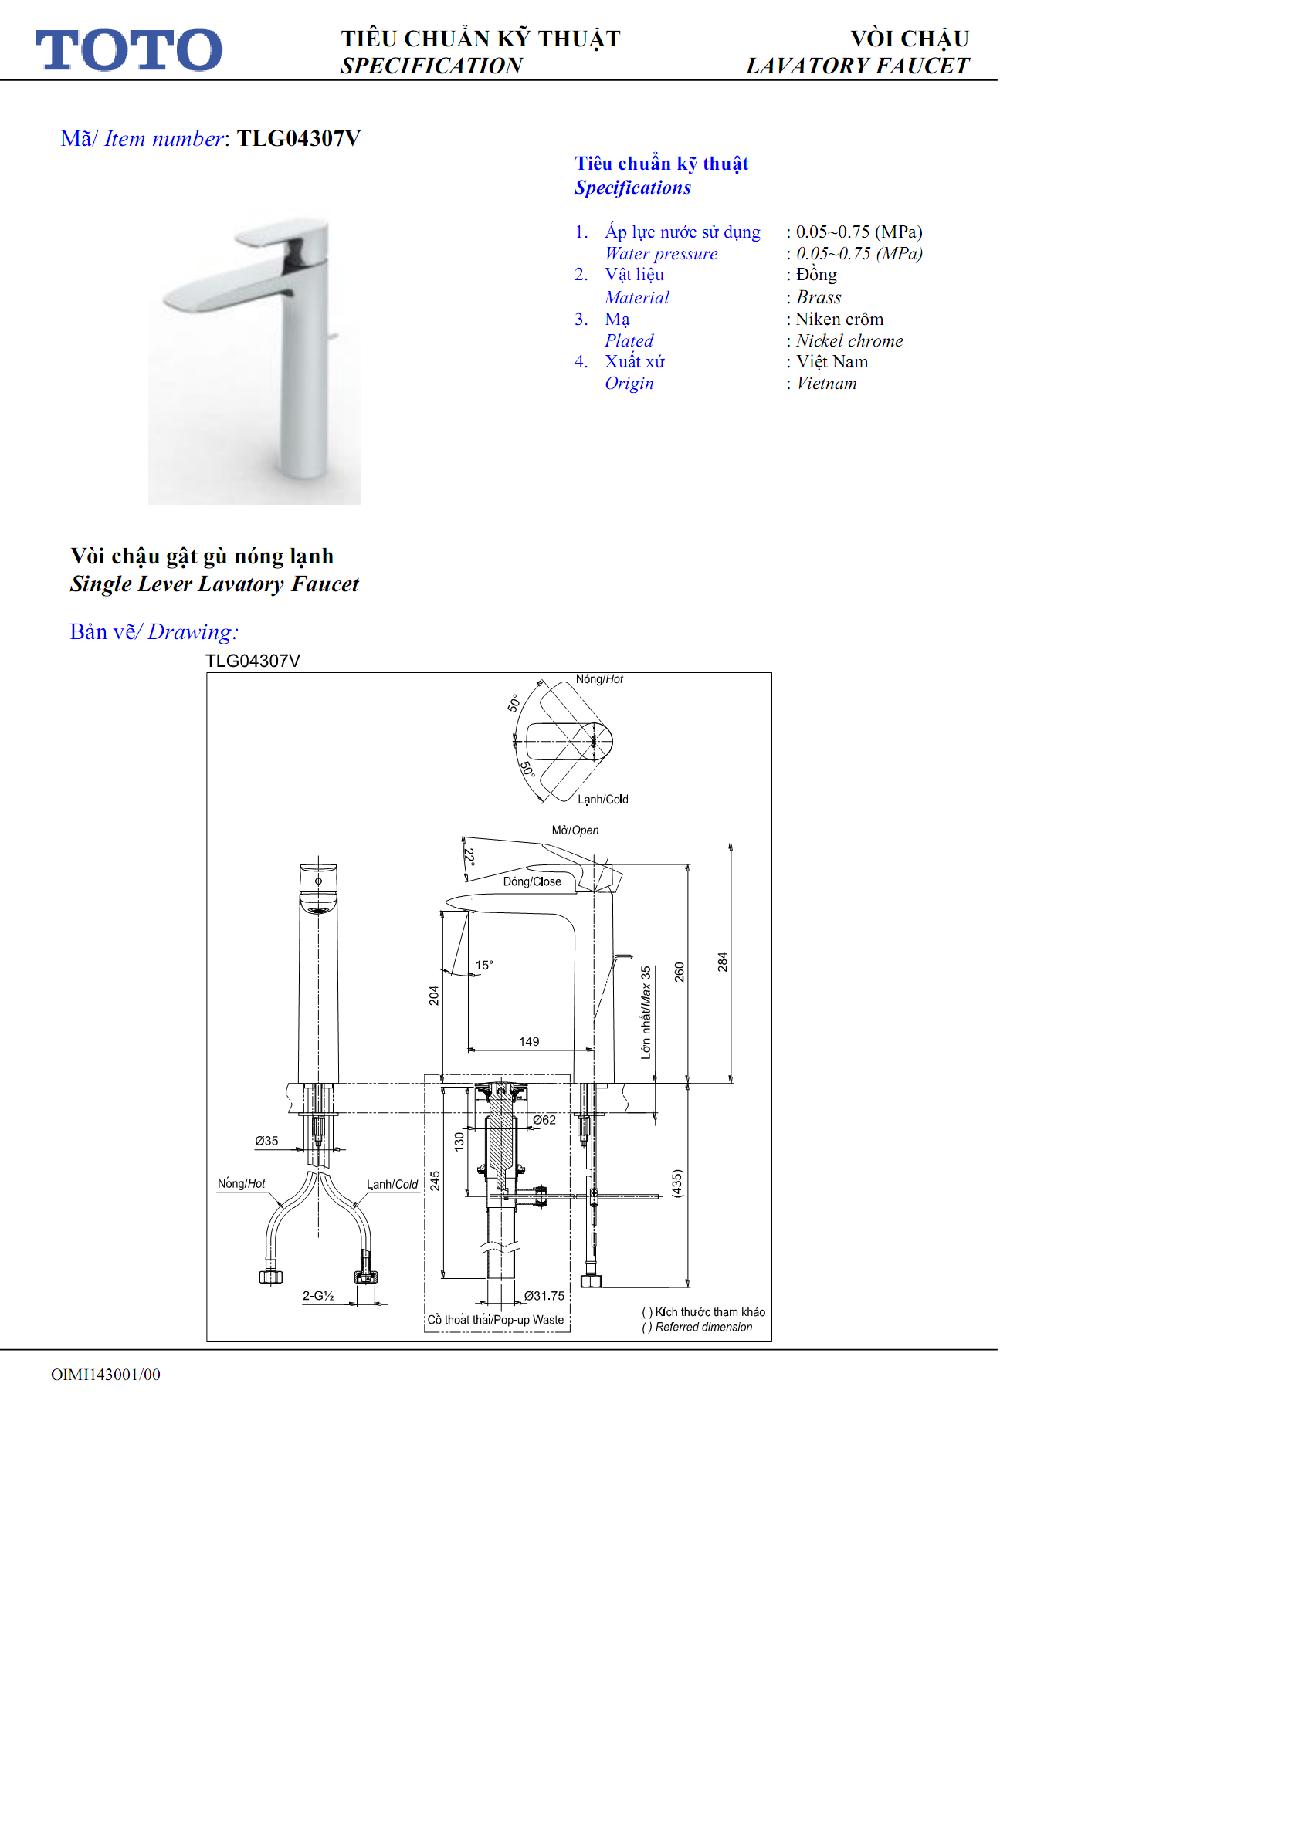 Vòi chậu TOTO nóng lạnh TLG04307V